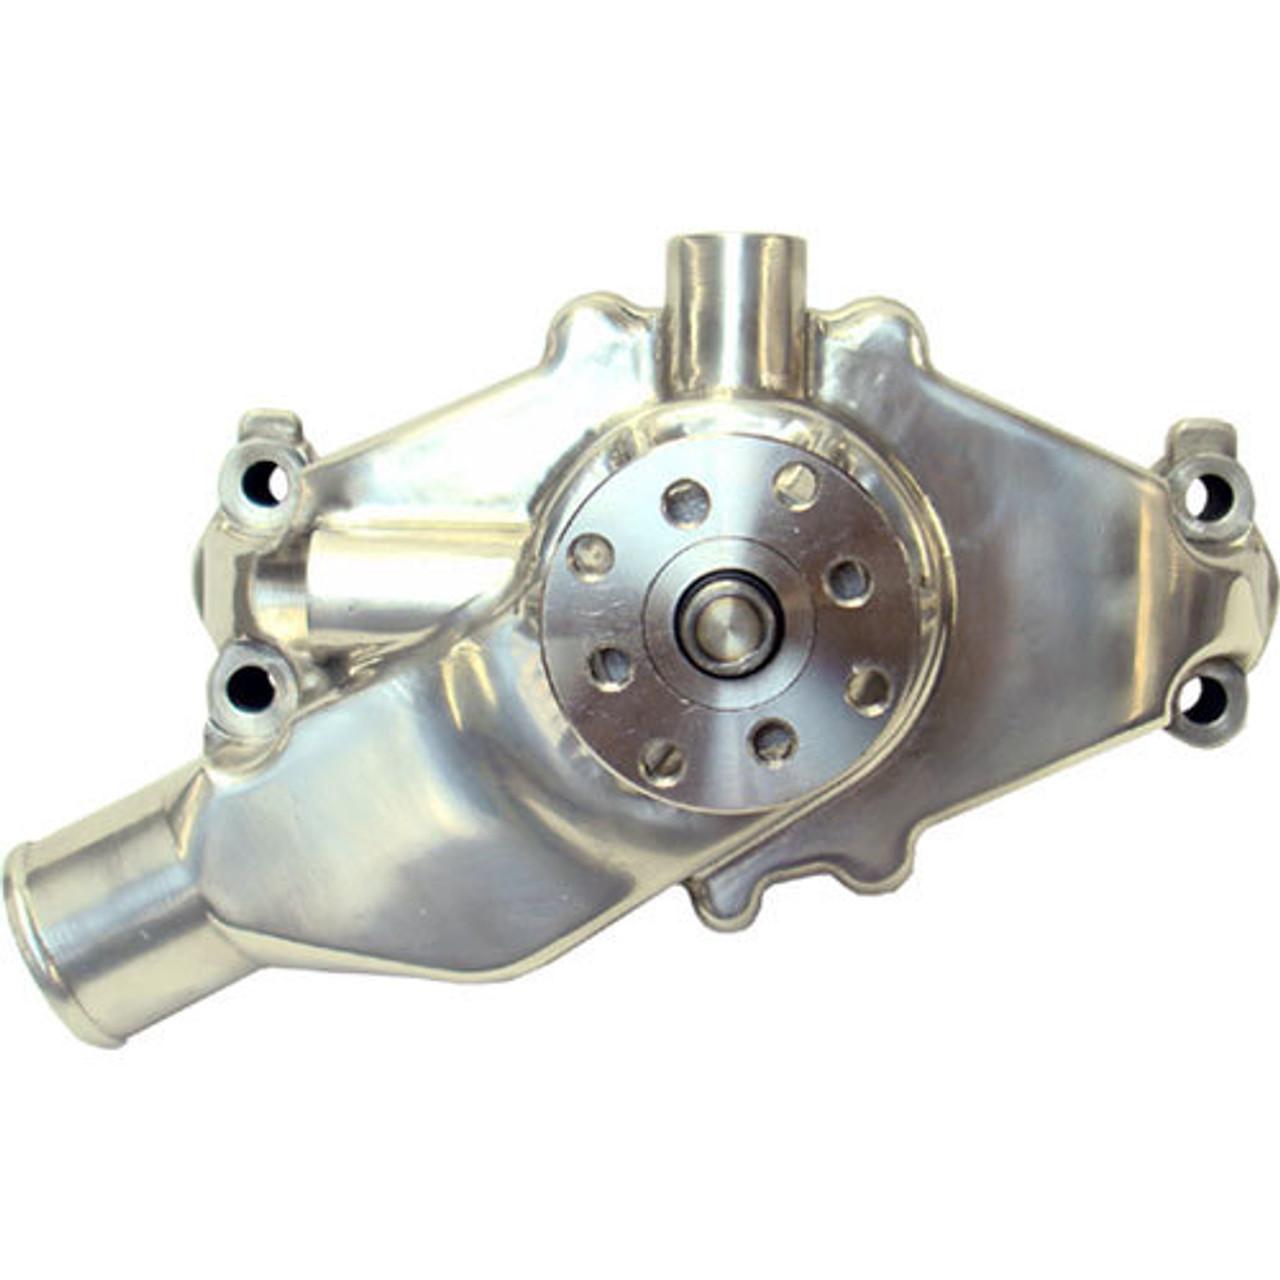 Mechanical Water Pumps